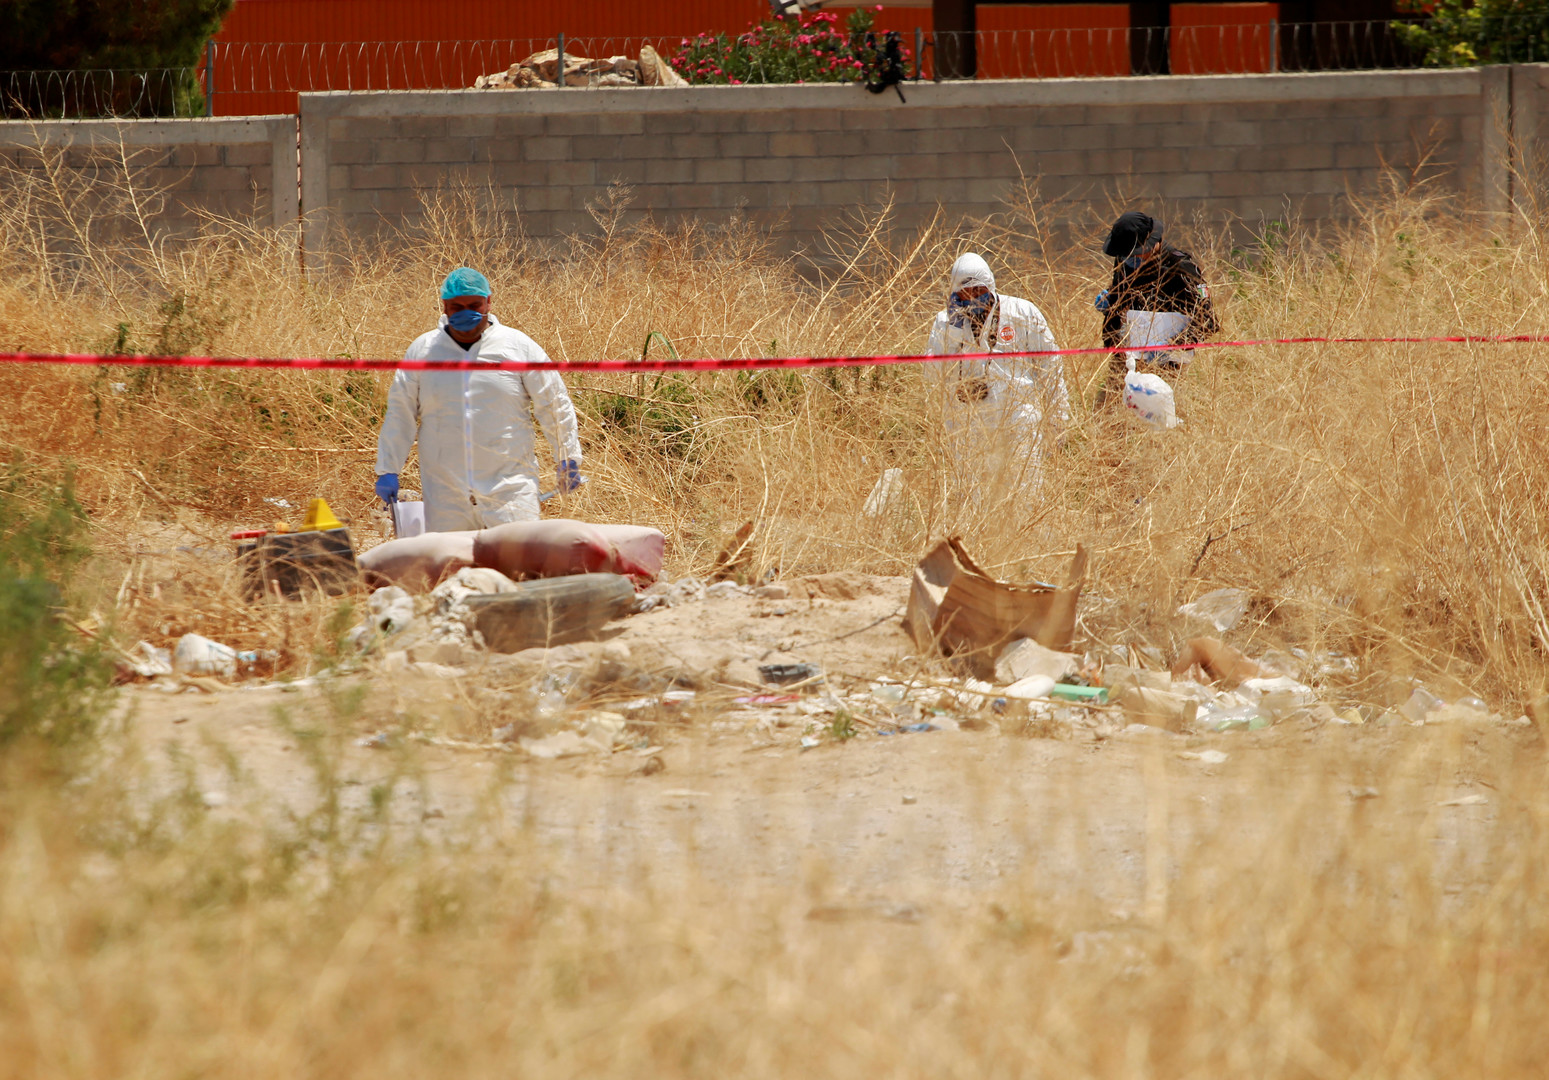 المكسيك: العثور على 337 جثة في مقابر سرية